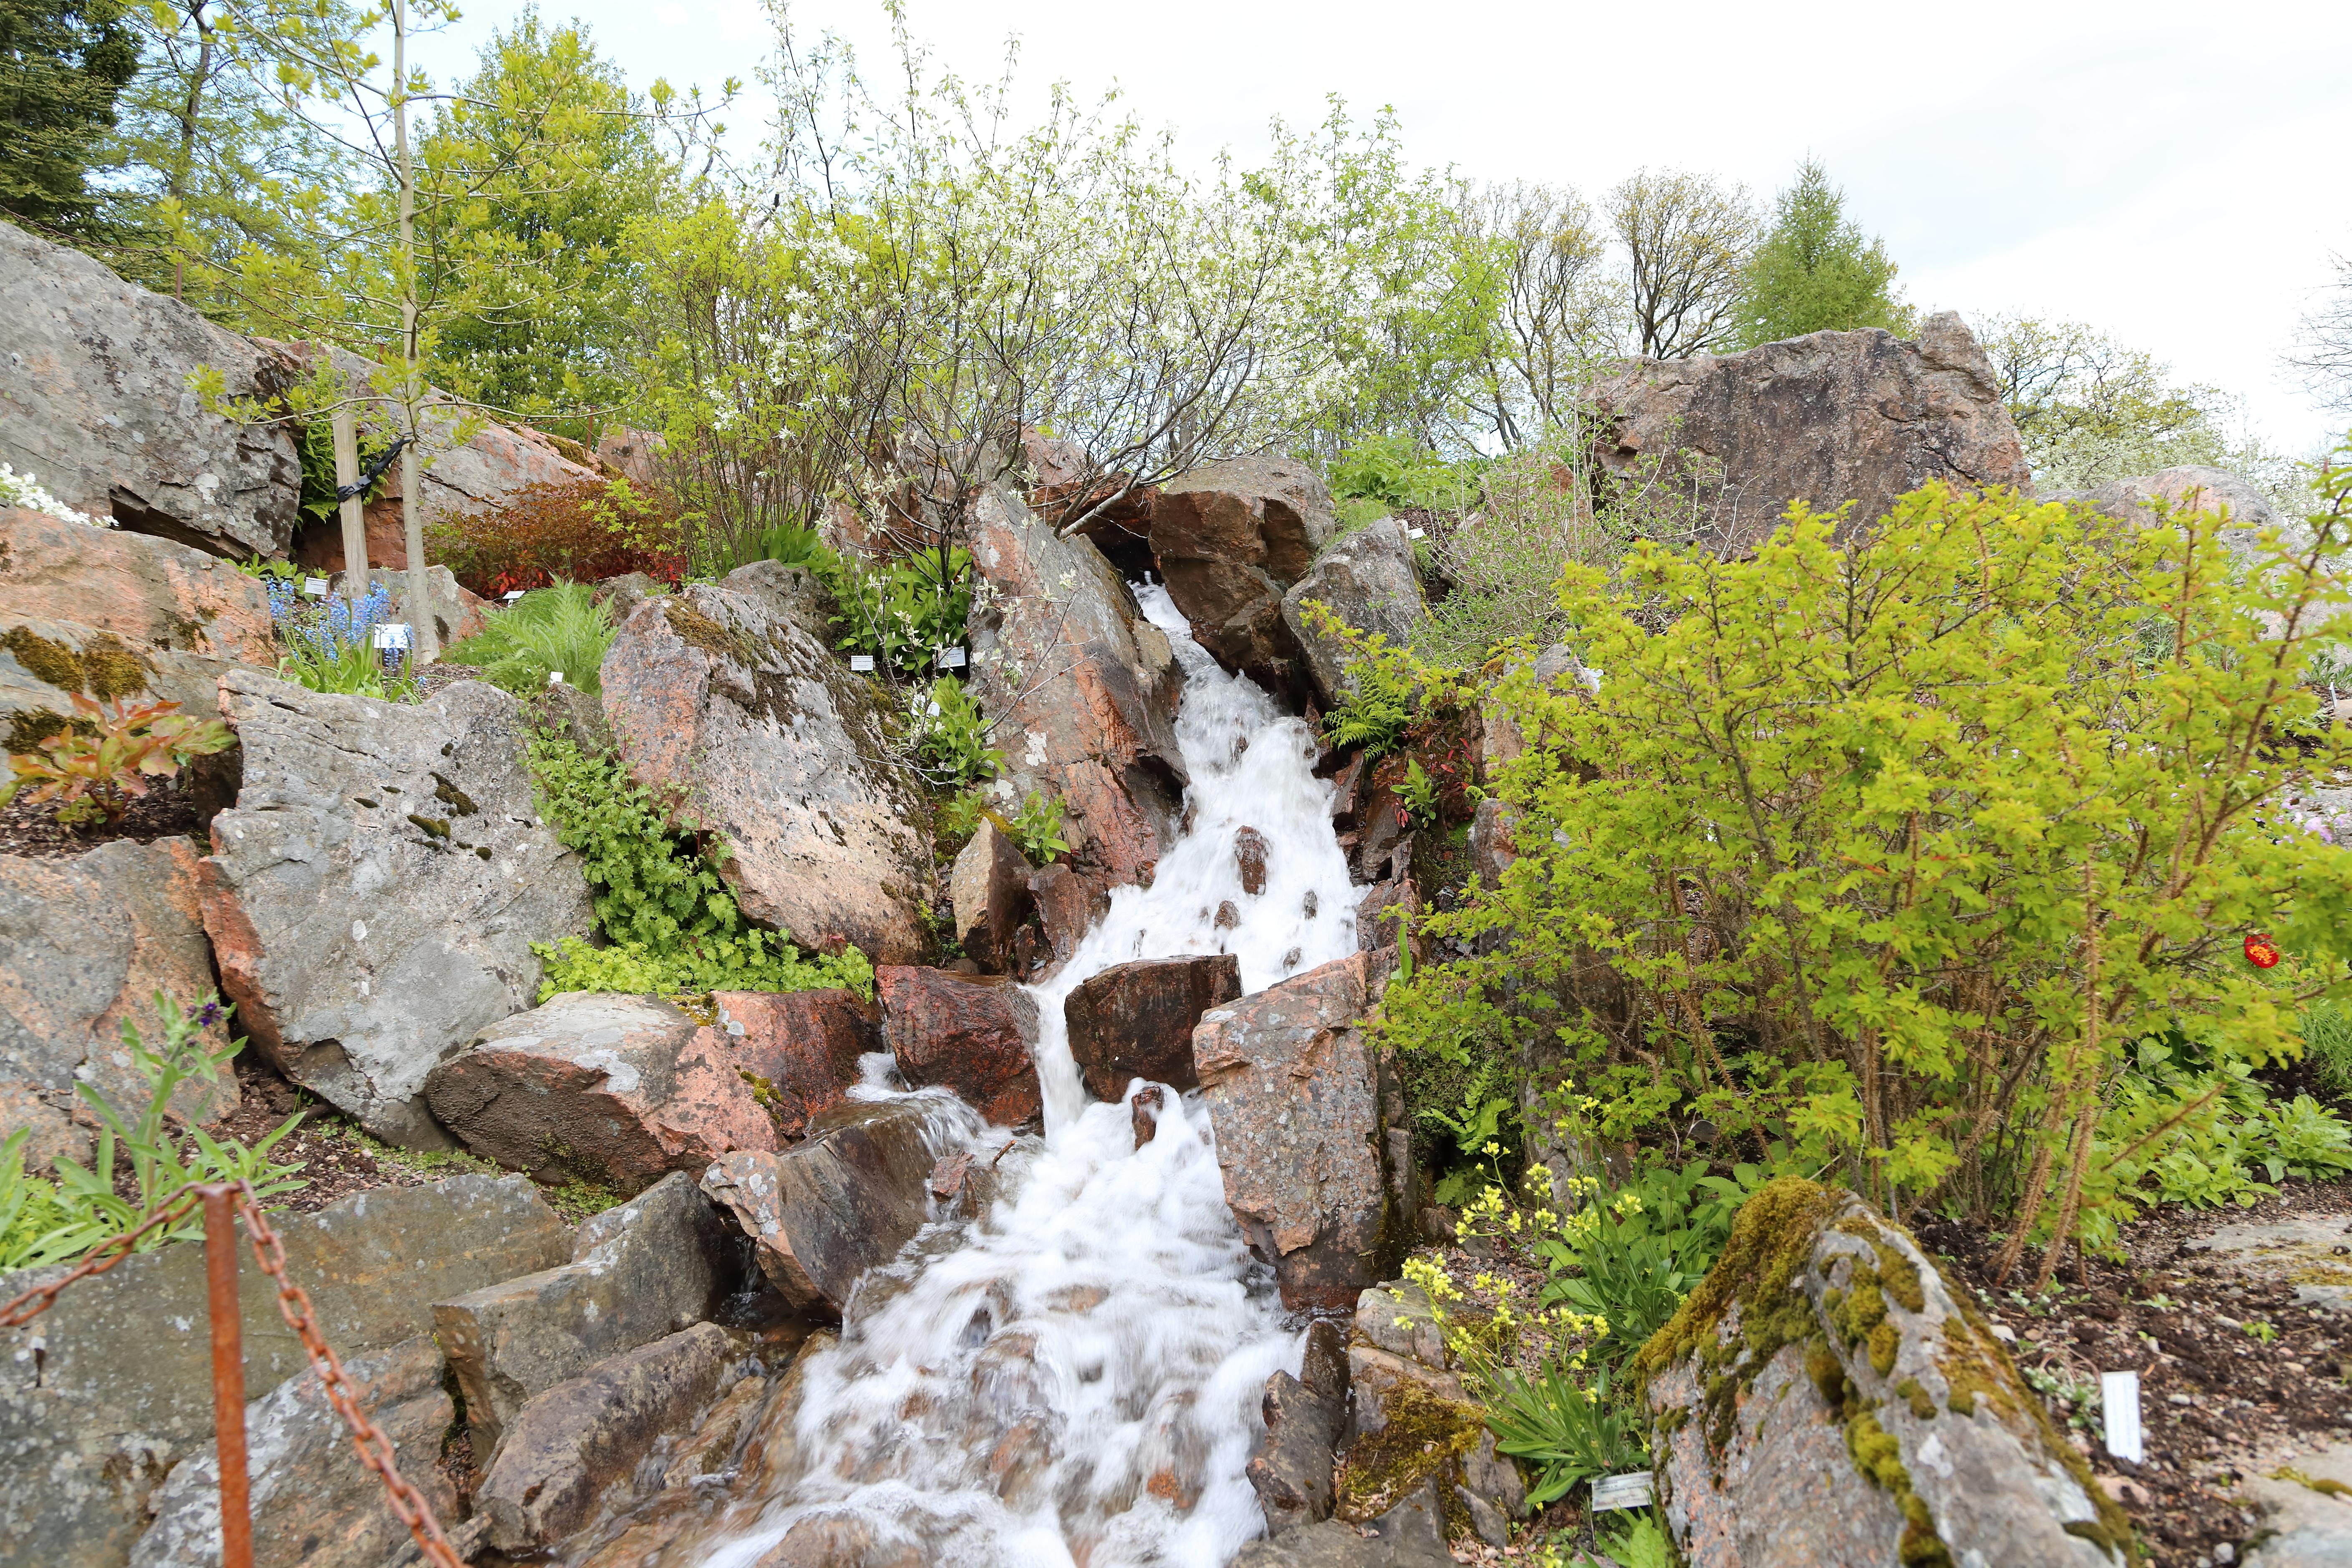 File:göteborgs botaniska trädgård img 6562.jpg   wikimedia commons